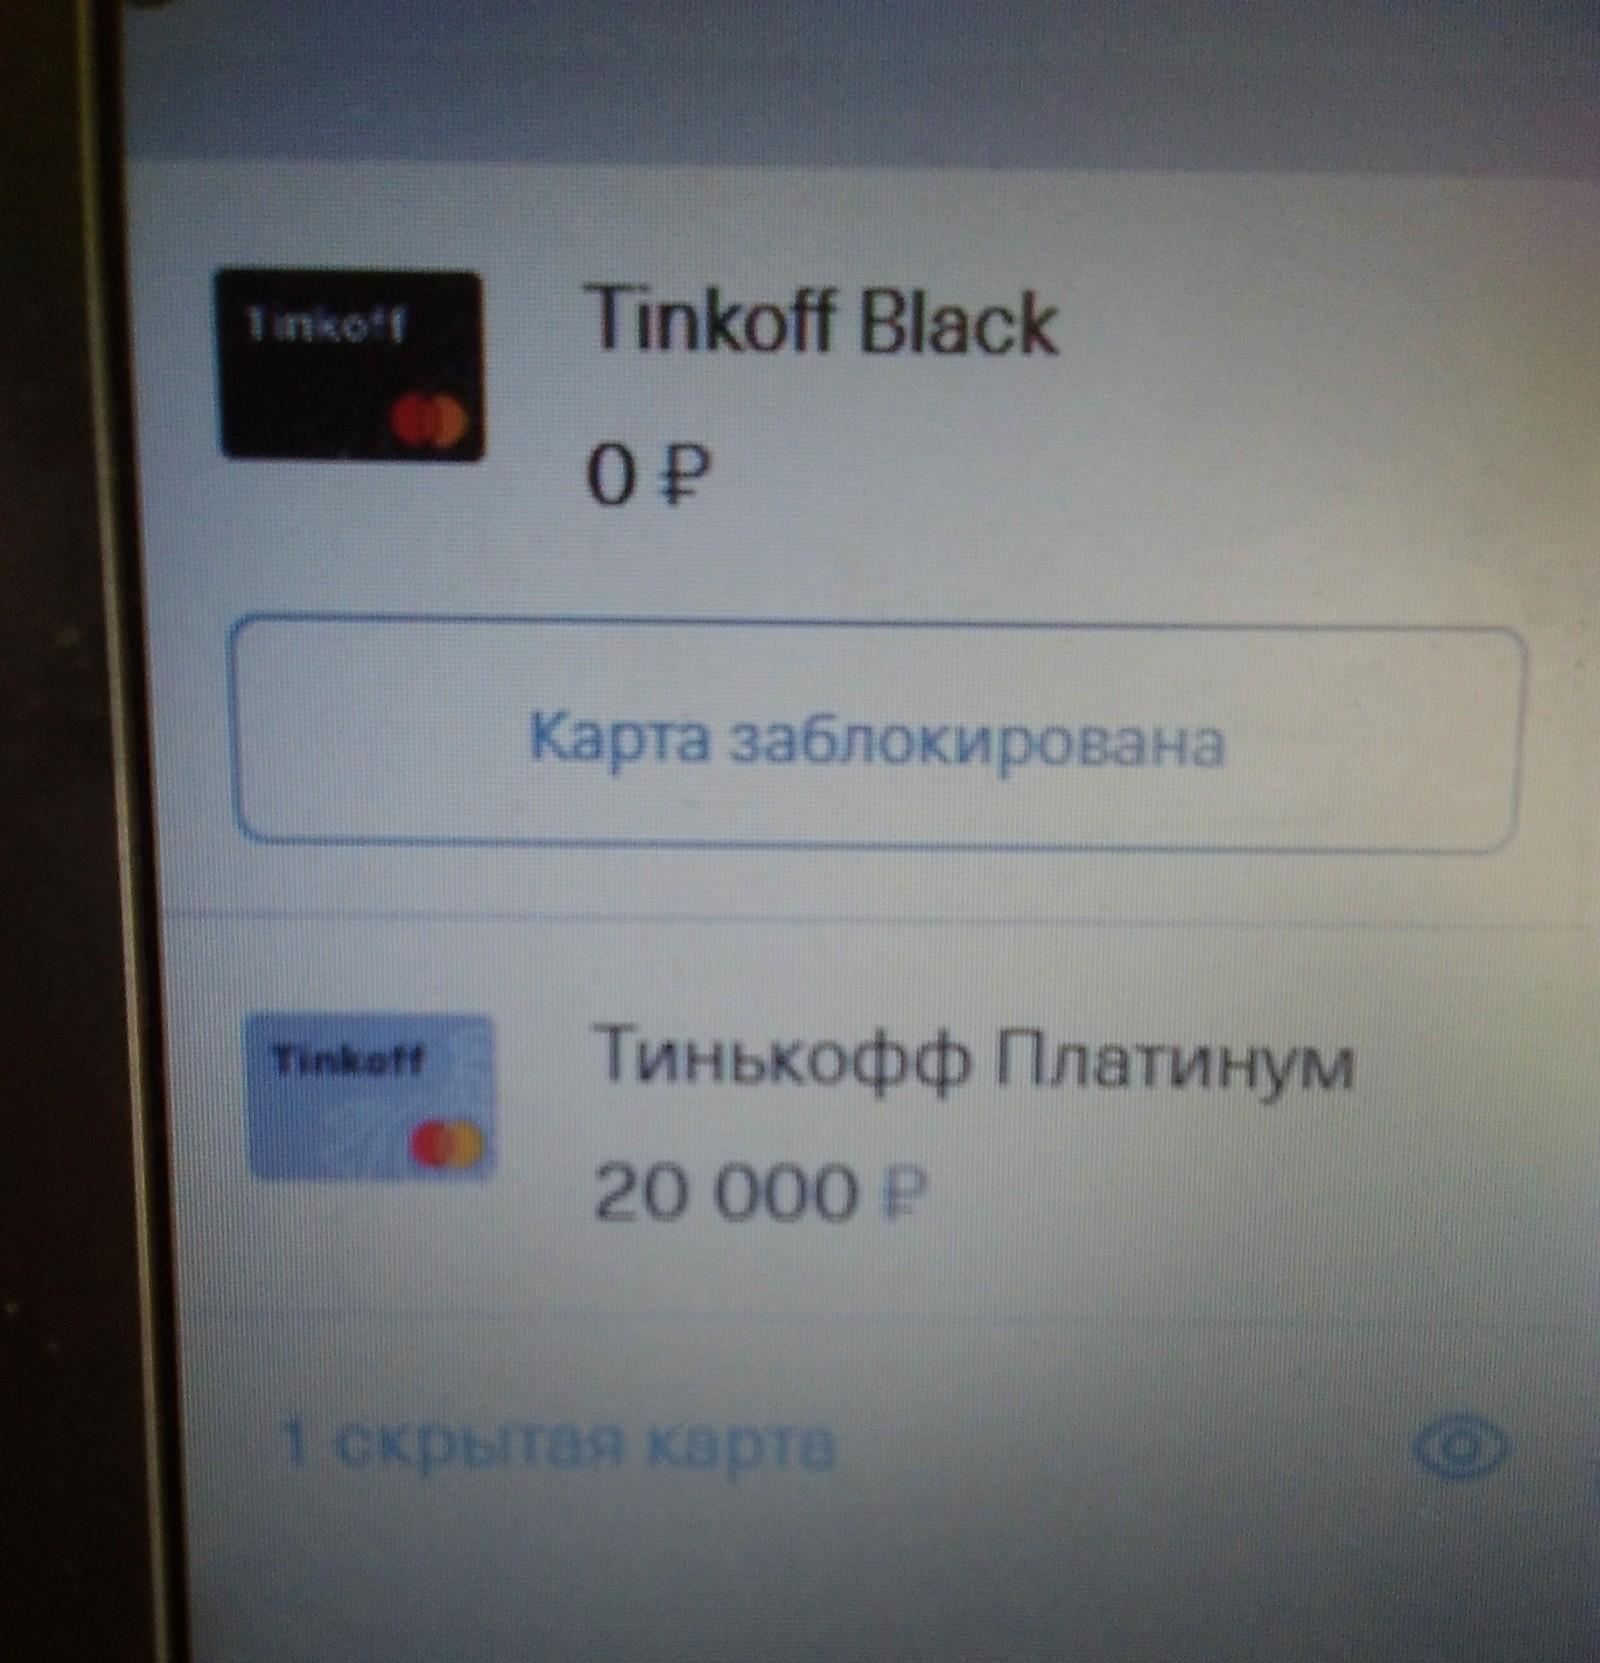 гугл карта со спутника в реальном времени бесплатно смотреть онлайн советский хмао